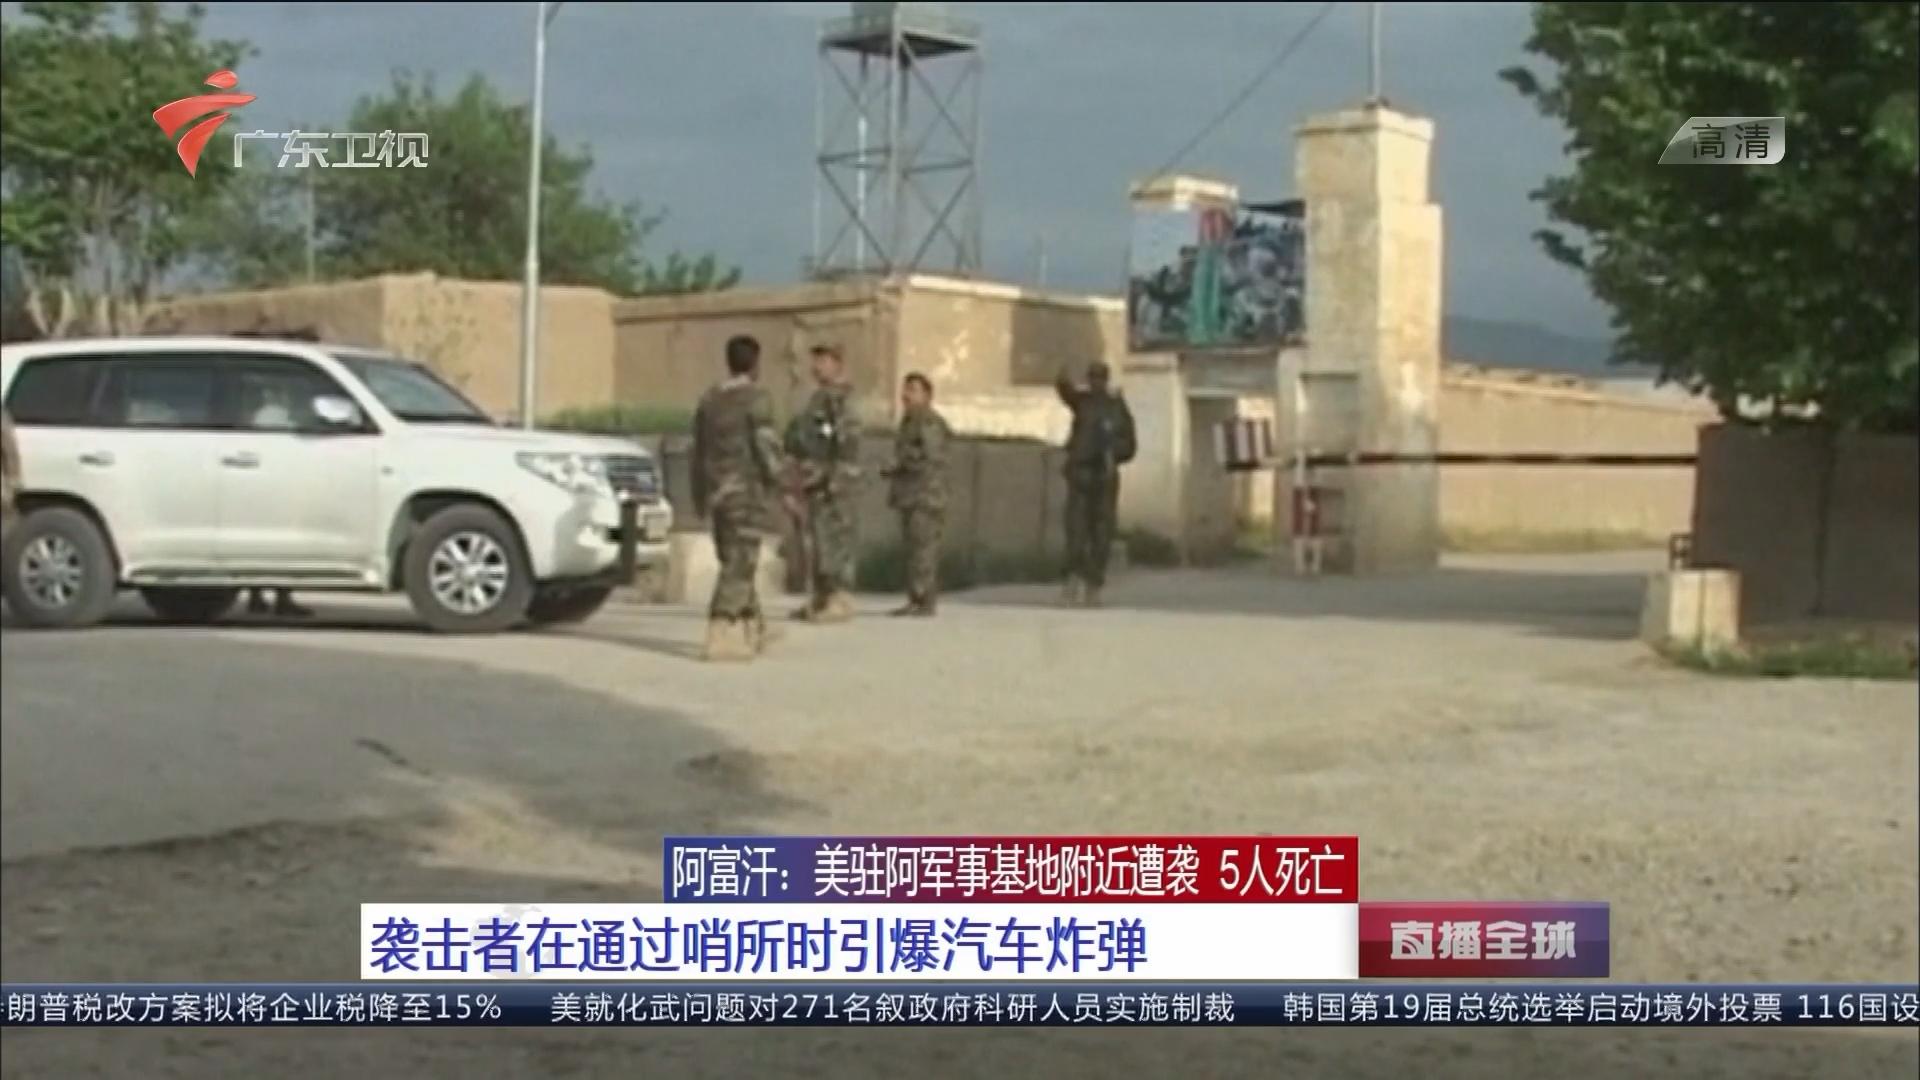 阿富汗:美驻阿军事基地附近遭袭 5人死亡 袭击者在通过哨所时引爆汽车炸弹